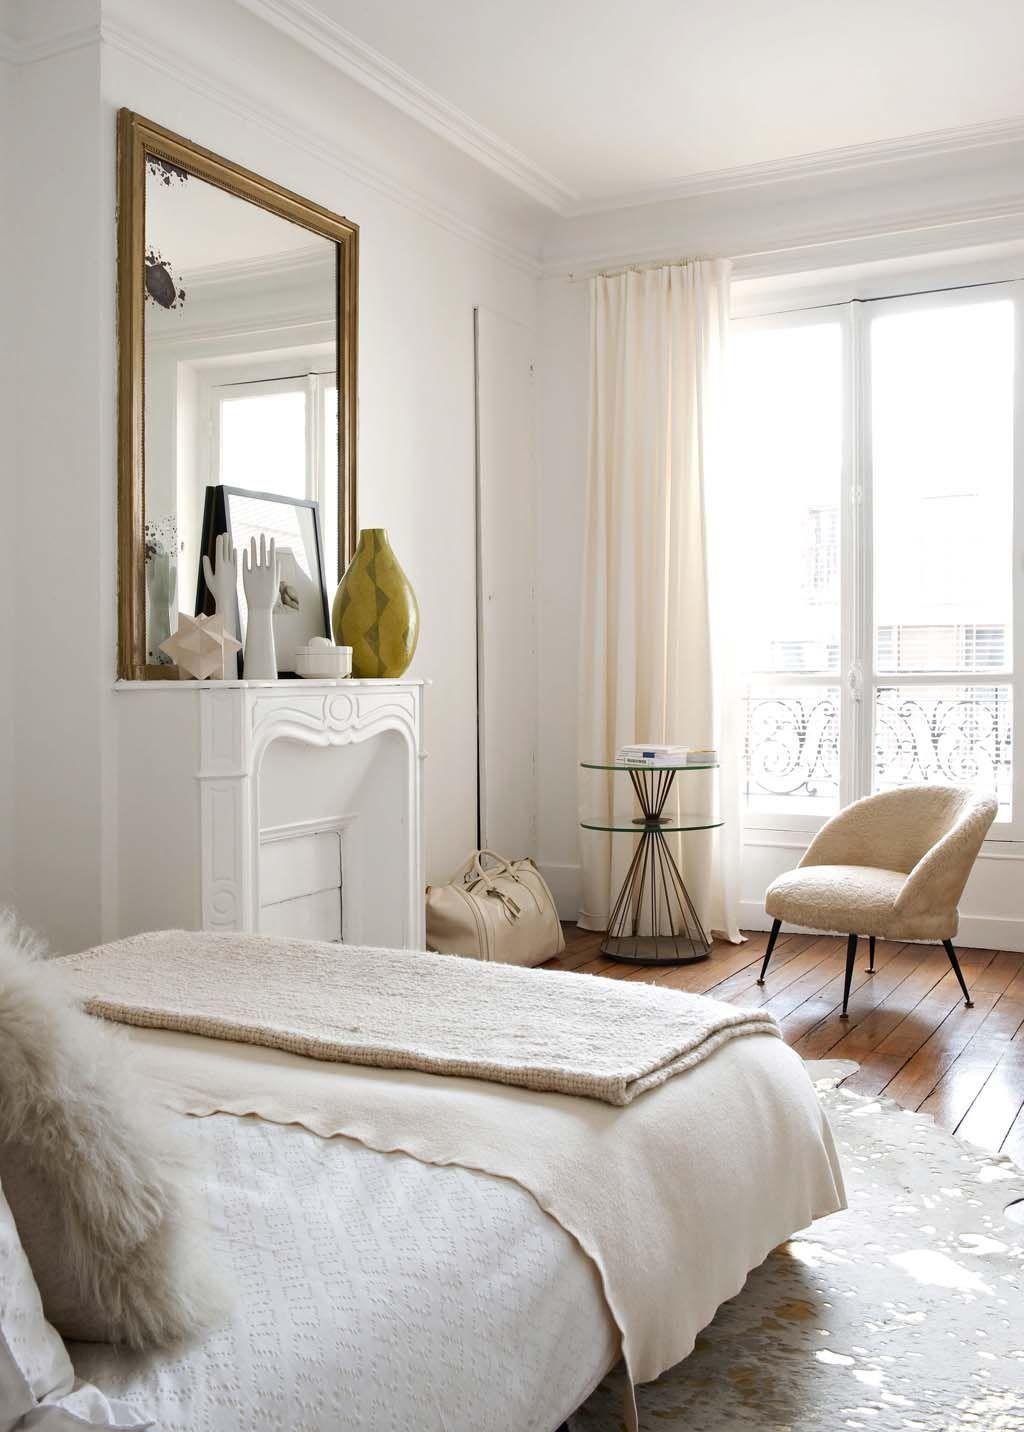 20 Dreamy Parisian Bedrooms In 2020 Parisian Bedroom Decor Parisian Living Room Parisian Bedroom #parisian #living #room #ideas